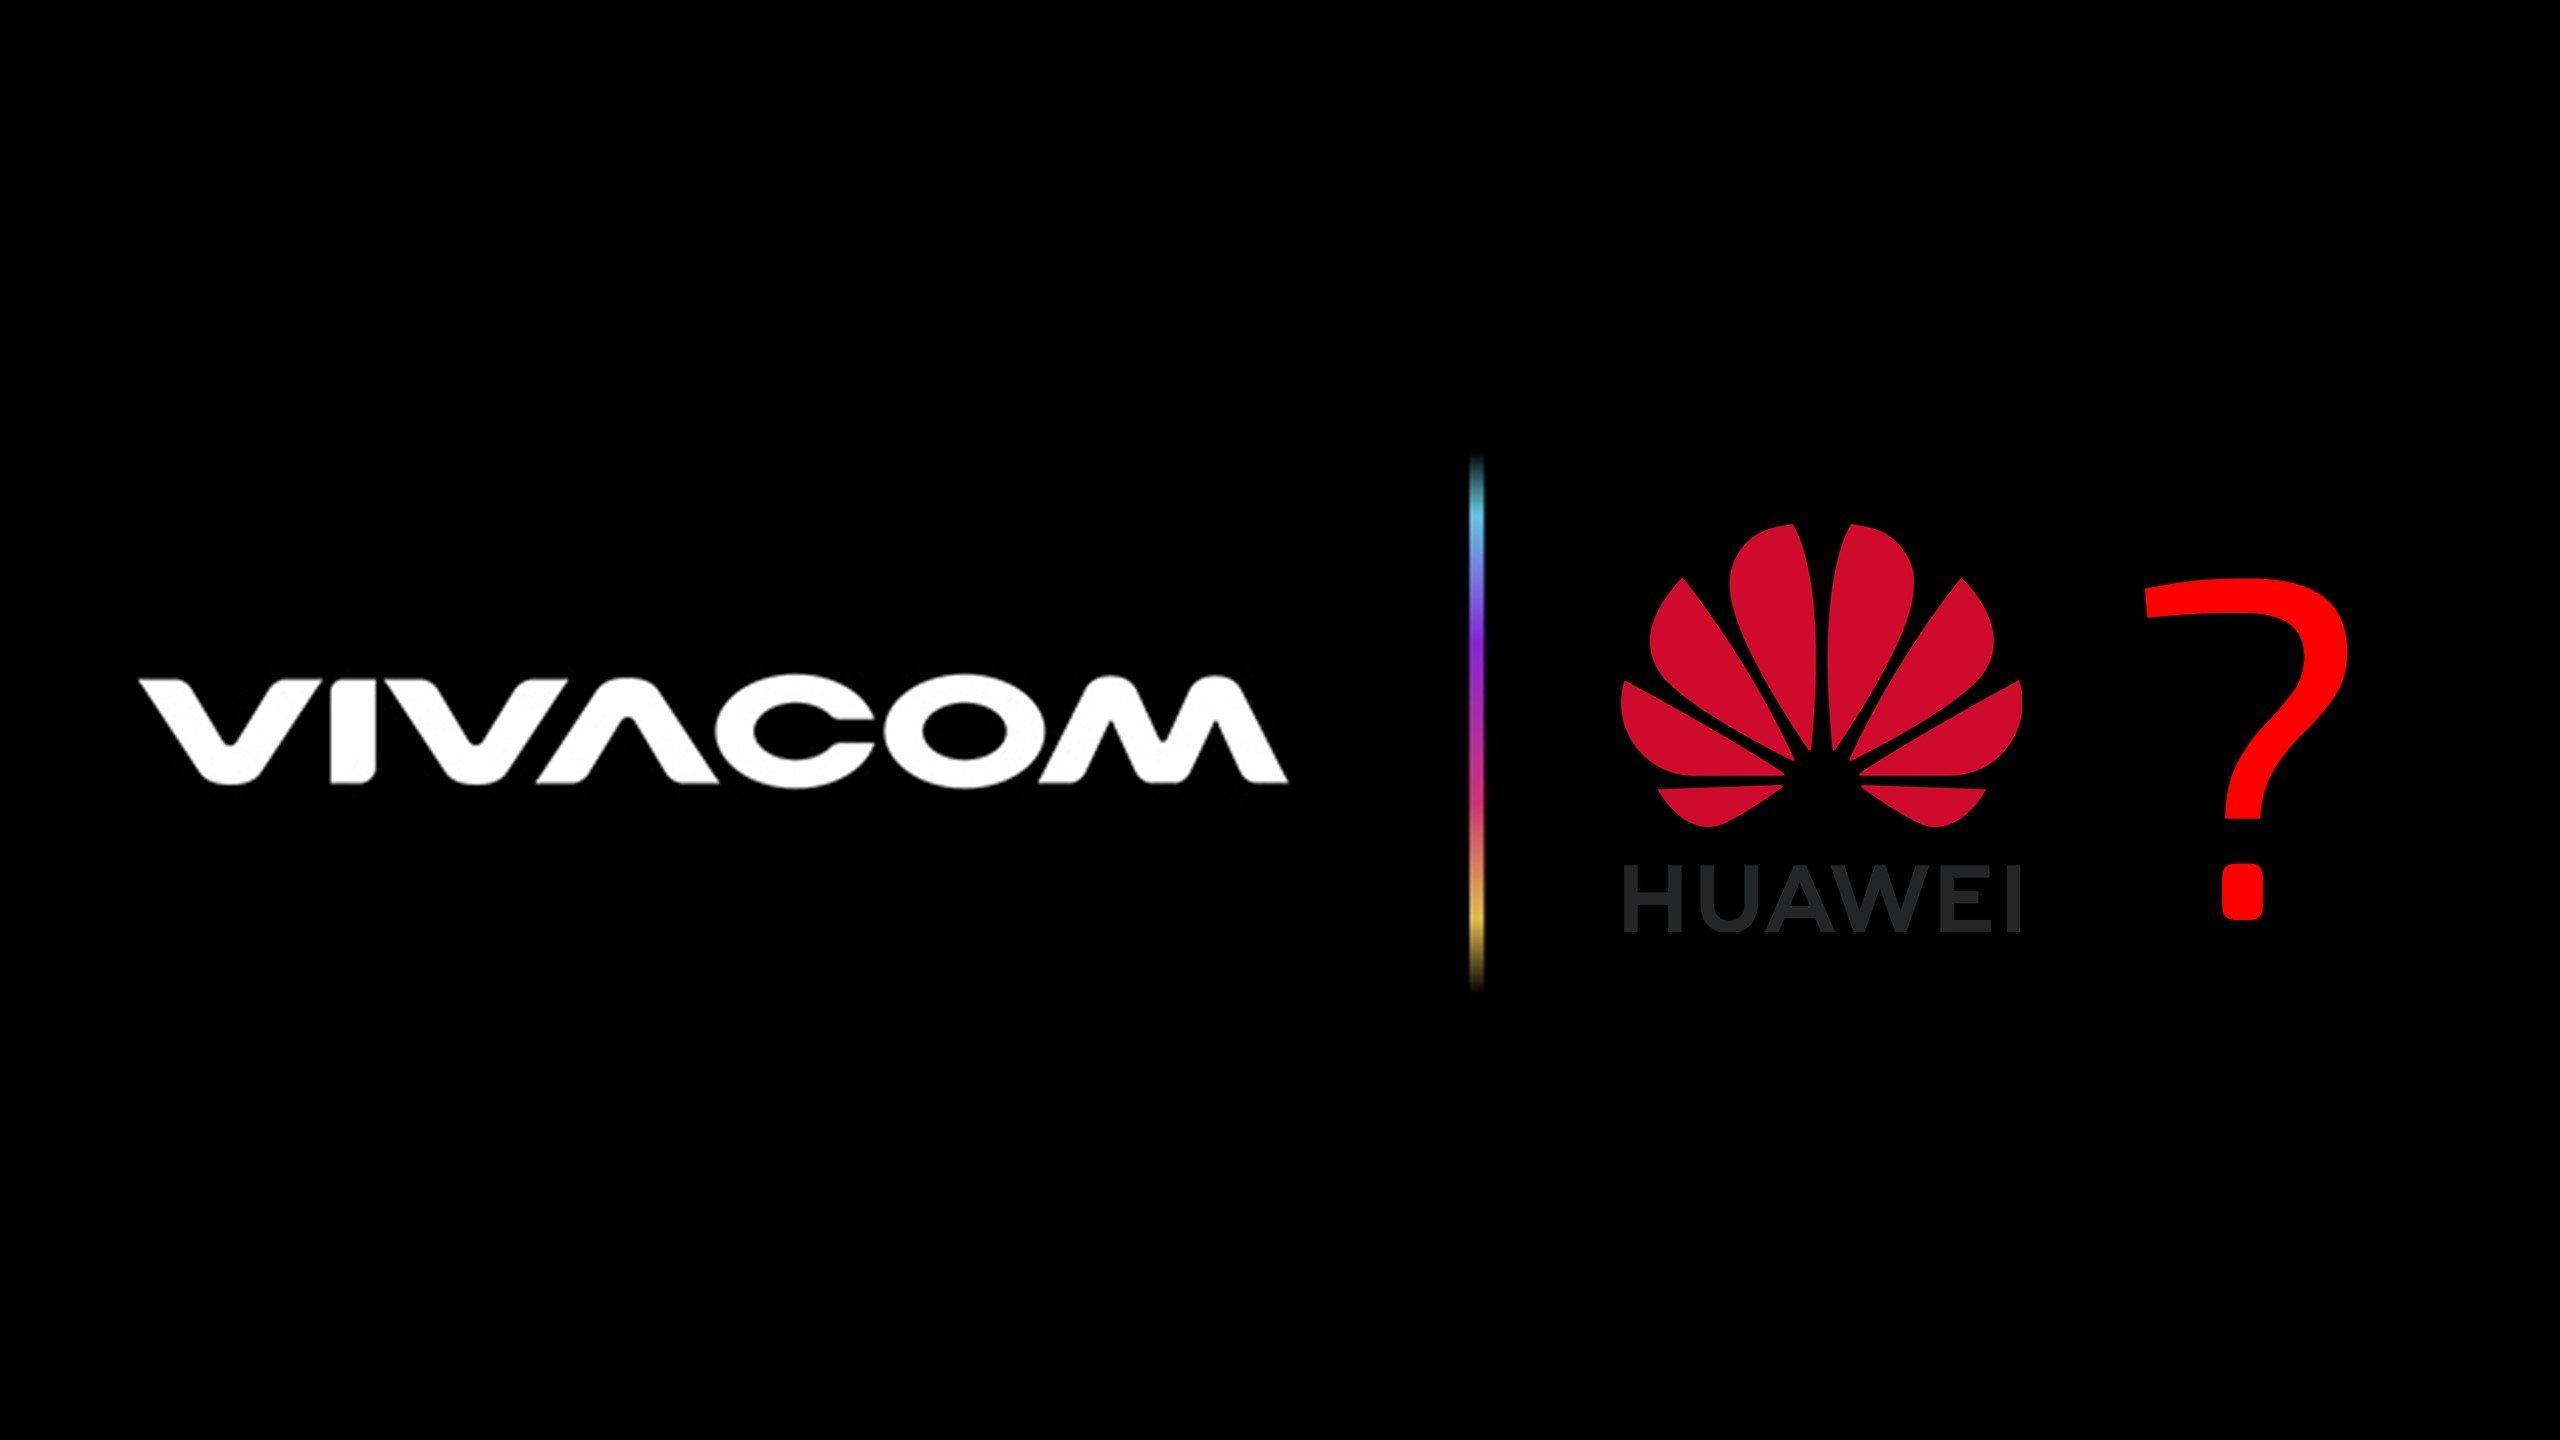 Vivacom-drops-huawei-question-v2